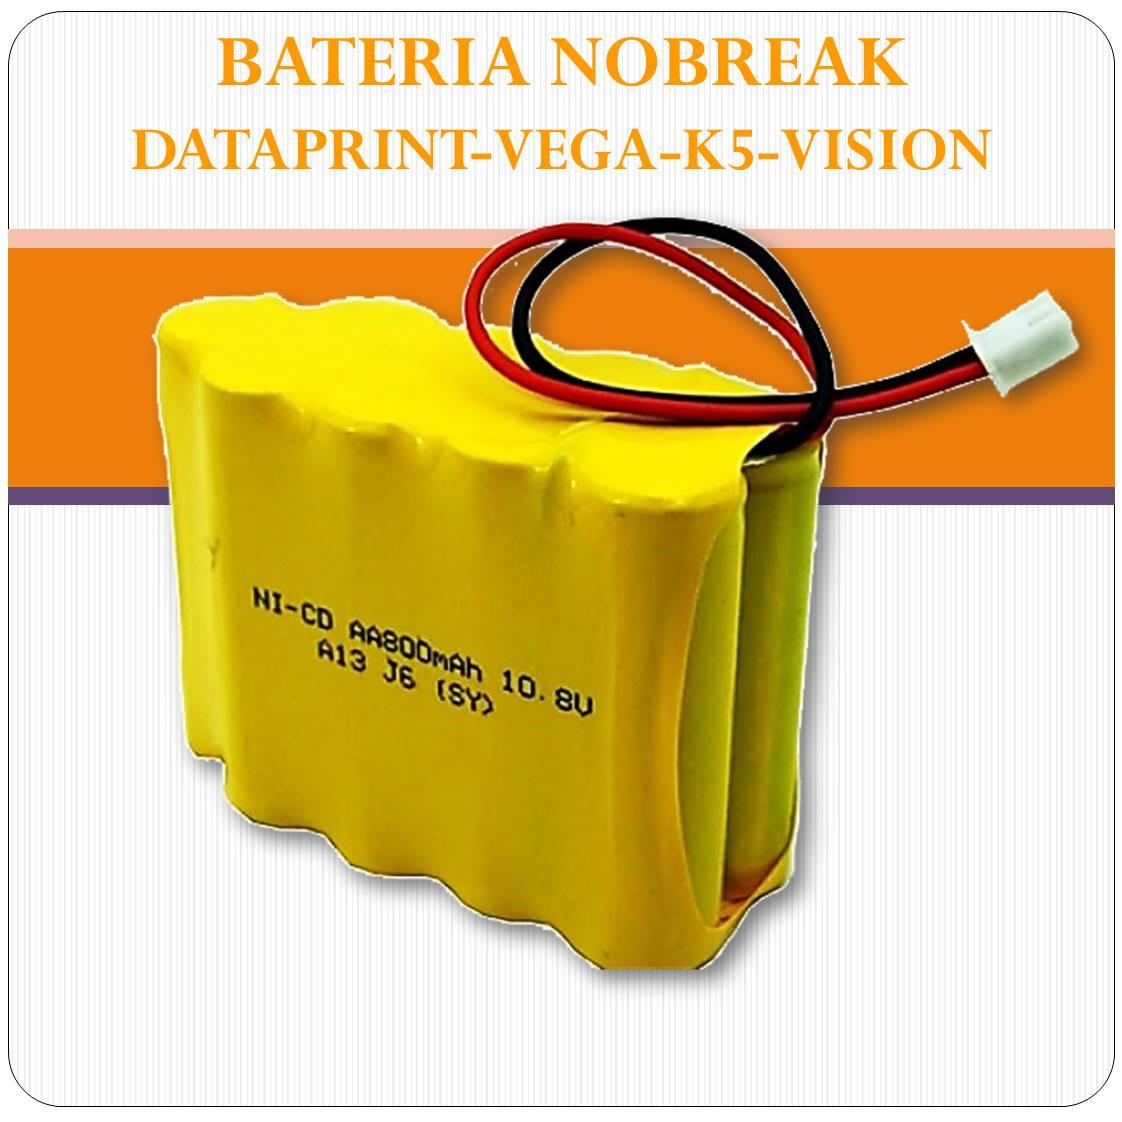 Bateria Nobreak Dataprint - Vega - VIsion - K5